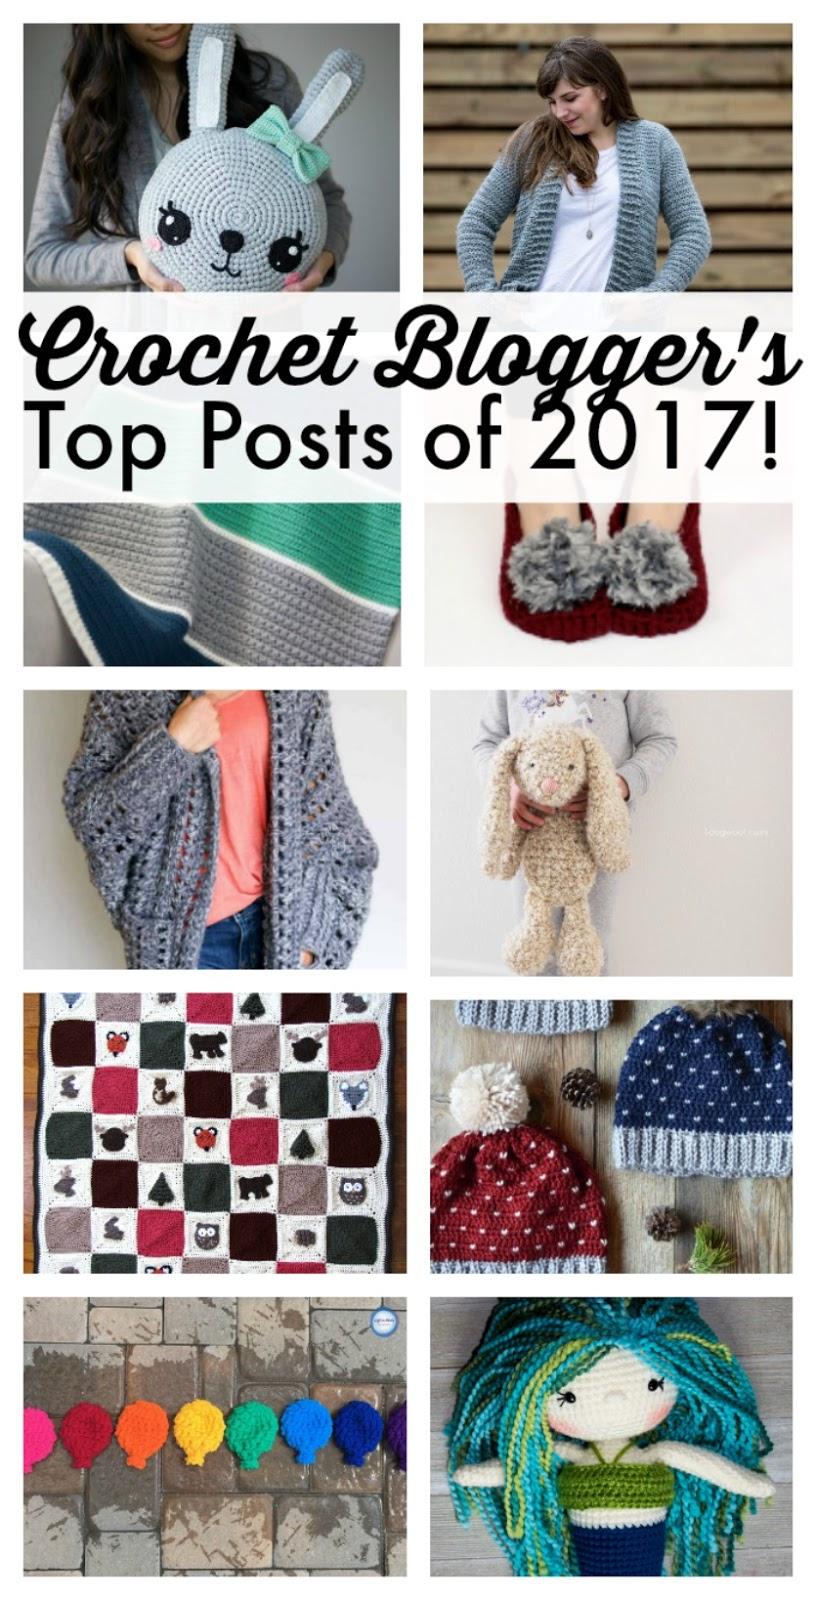 1d1f2d0195fe Top Crochet Blogger Posts of 2017 - thefriendlyredfox.com